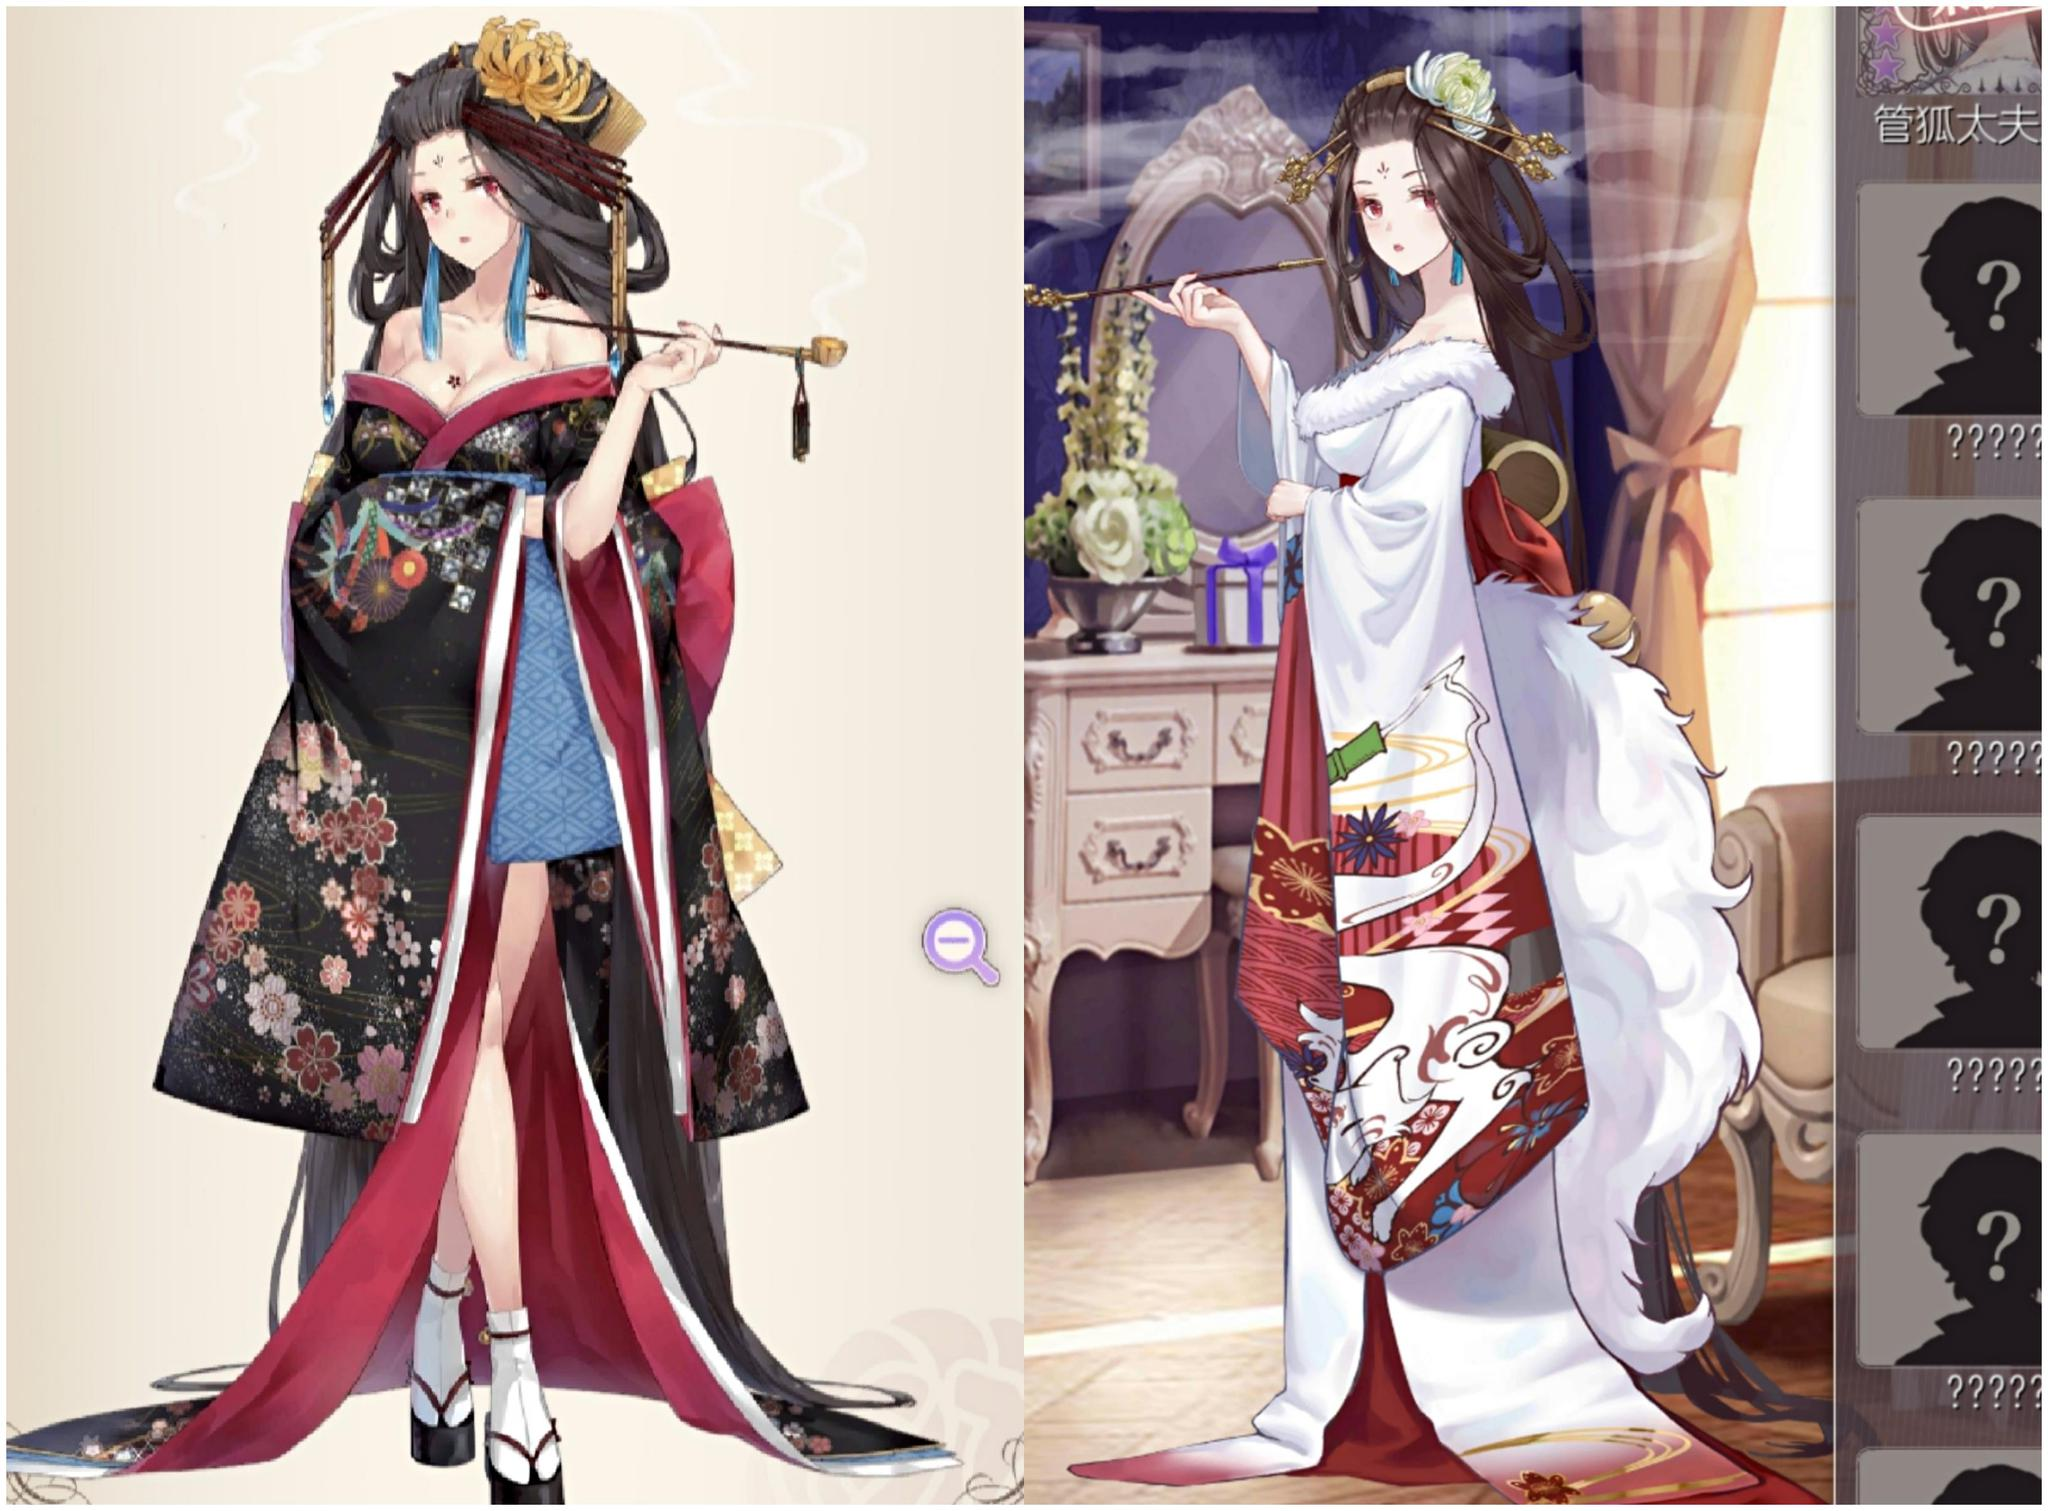 螺旋圆舞曲:NPC玉簪衣服过于好看,想同步外观?不切实际